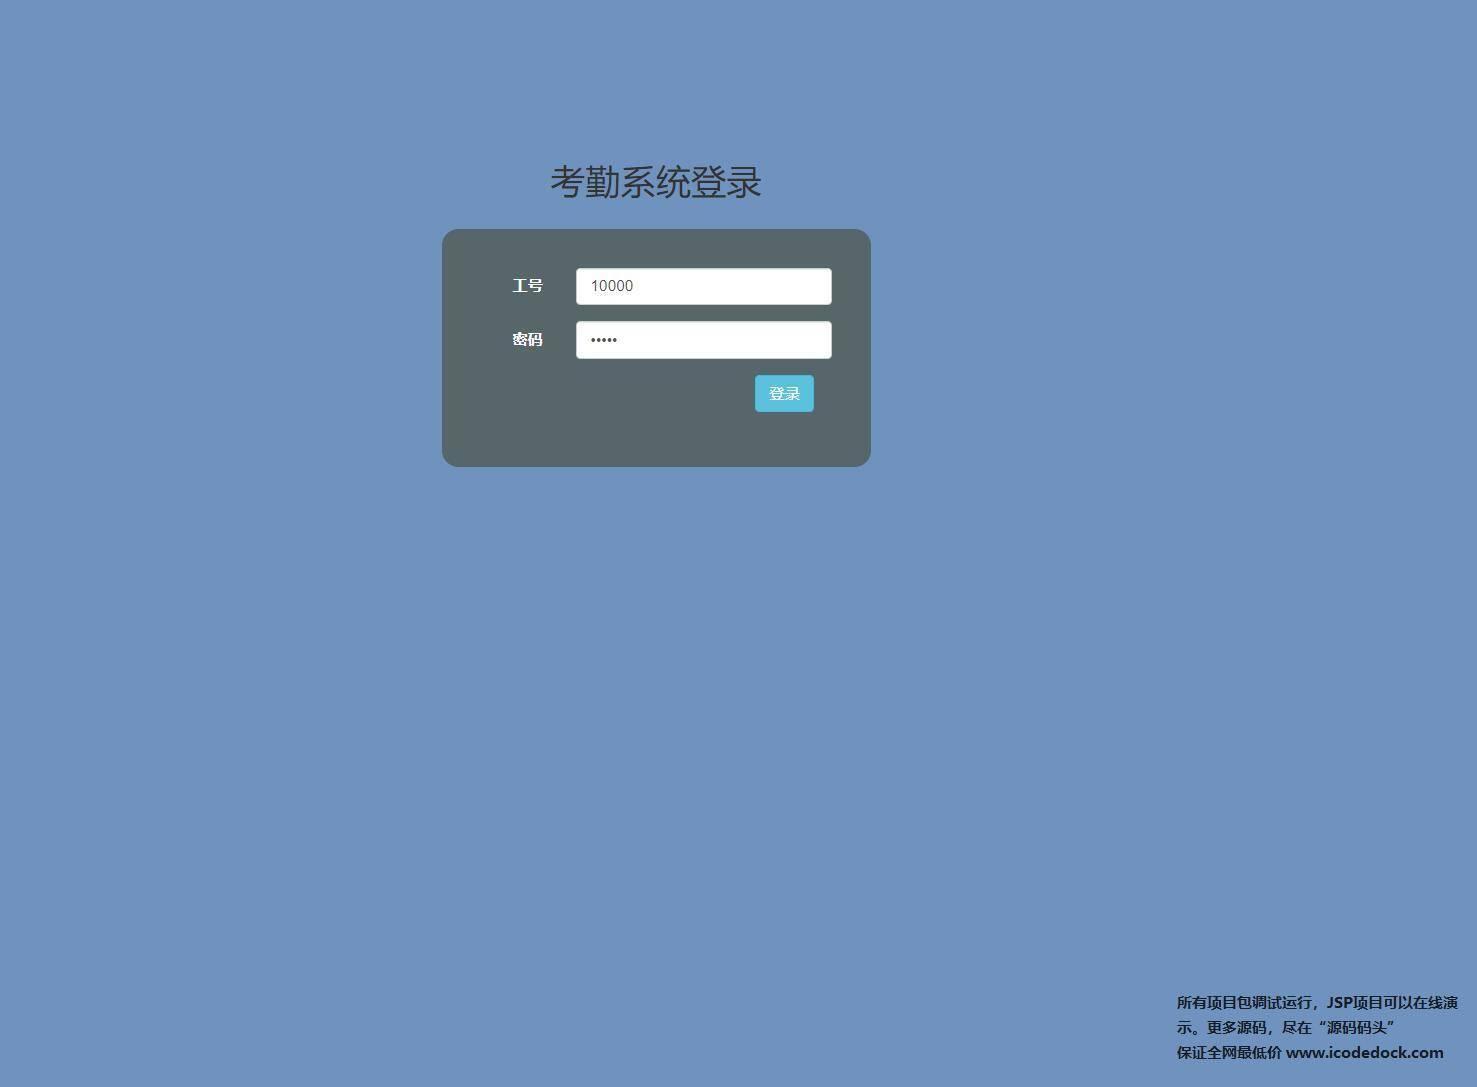 源码码头-SSM员工考勤管理系统-管理员角色-管理员登录